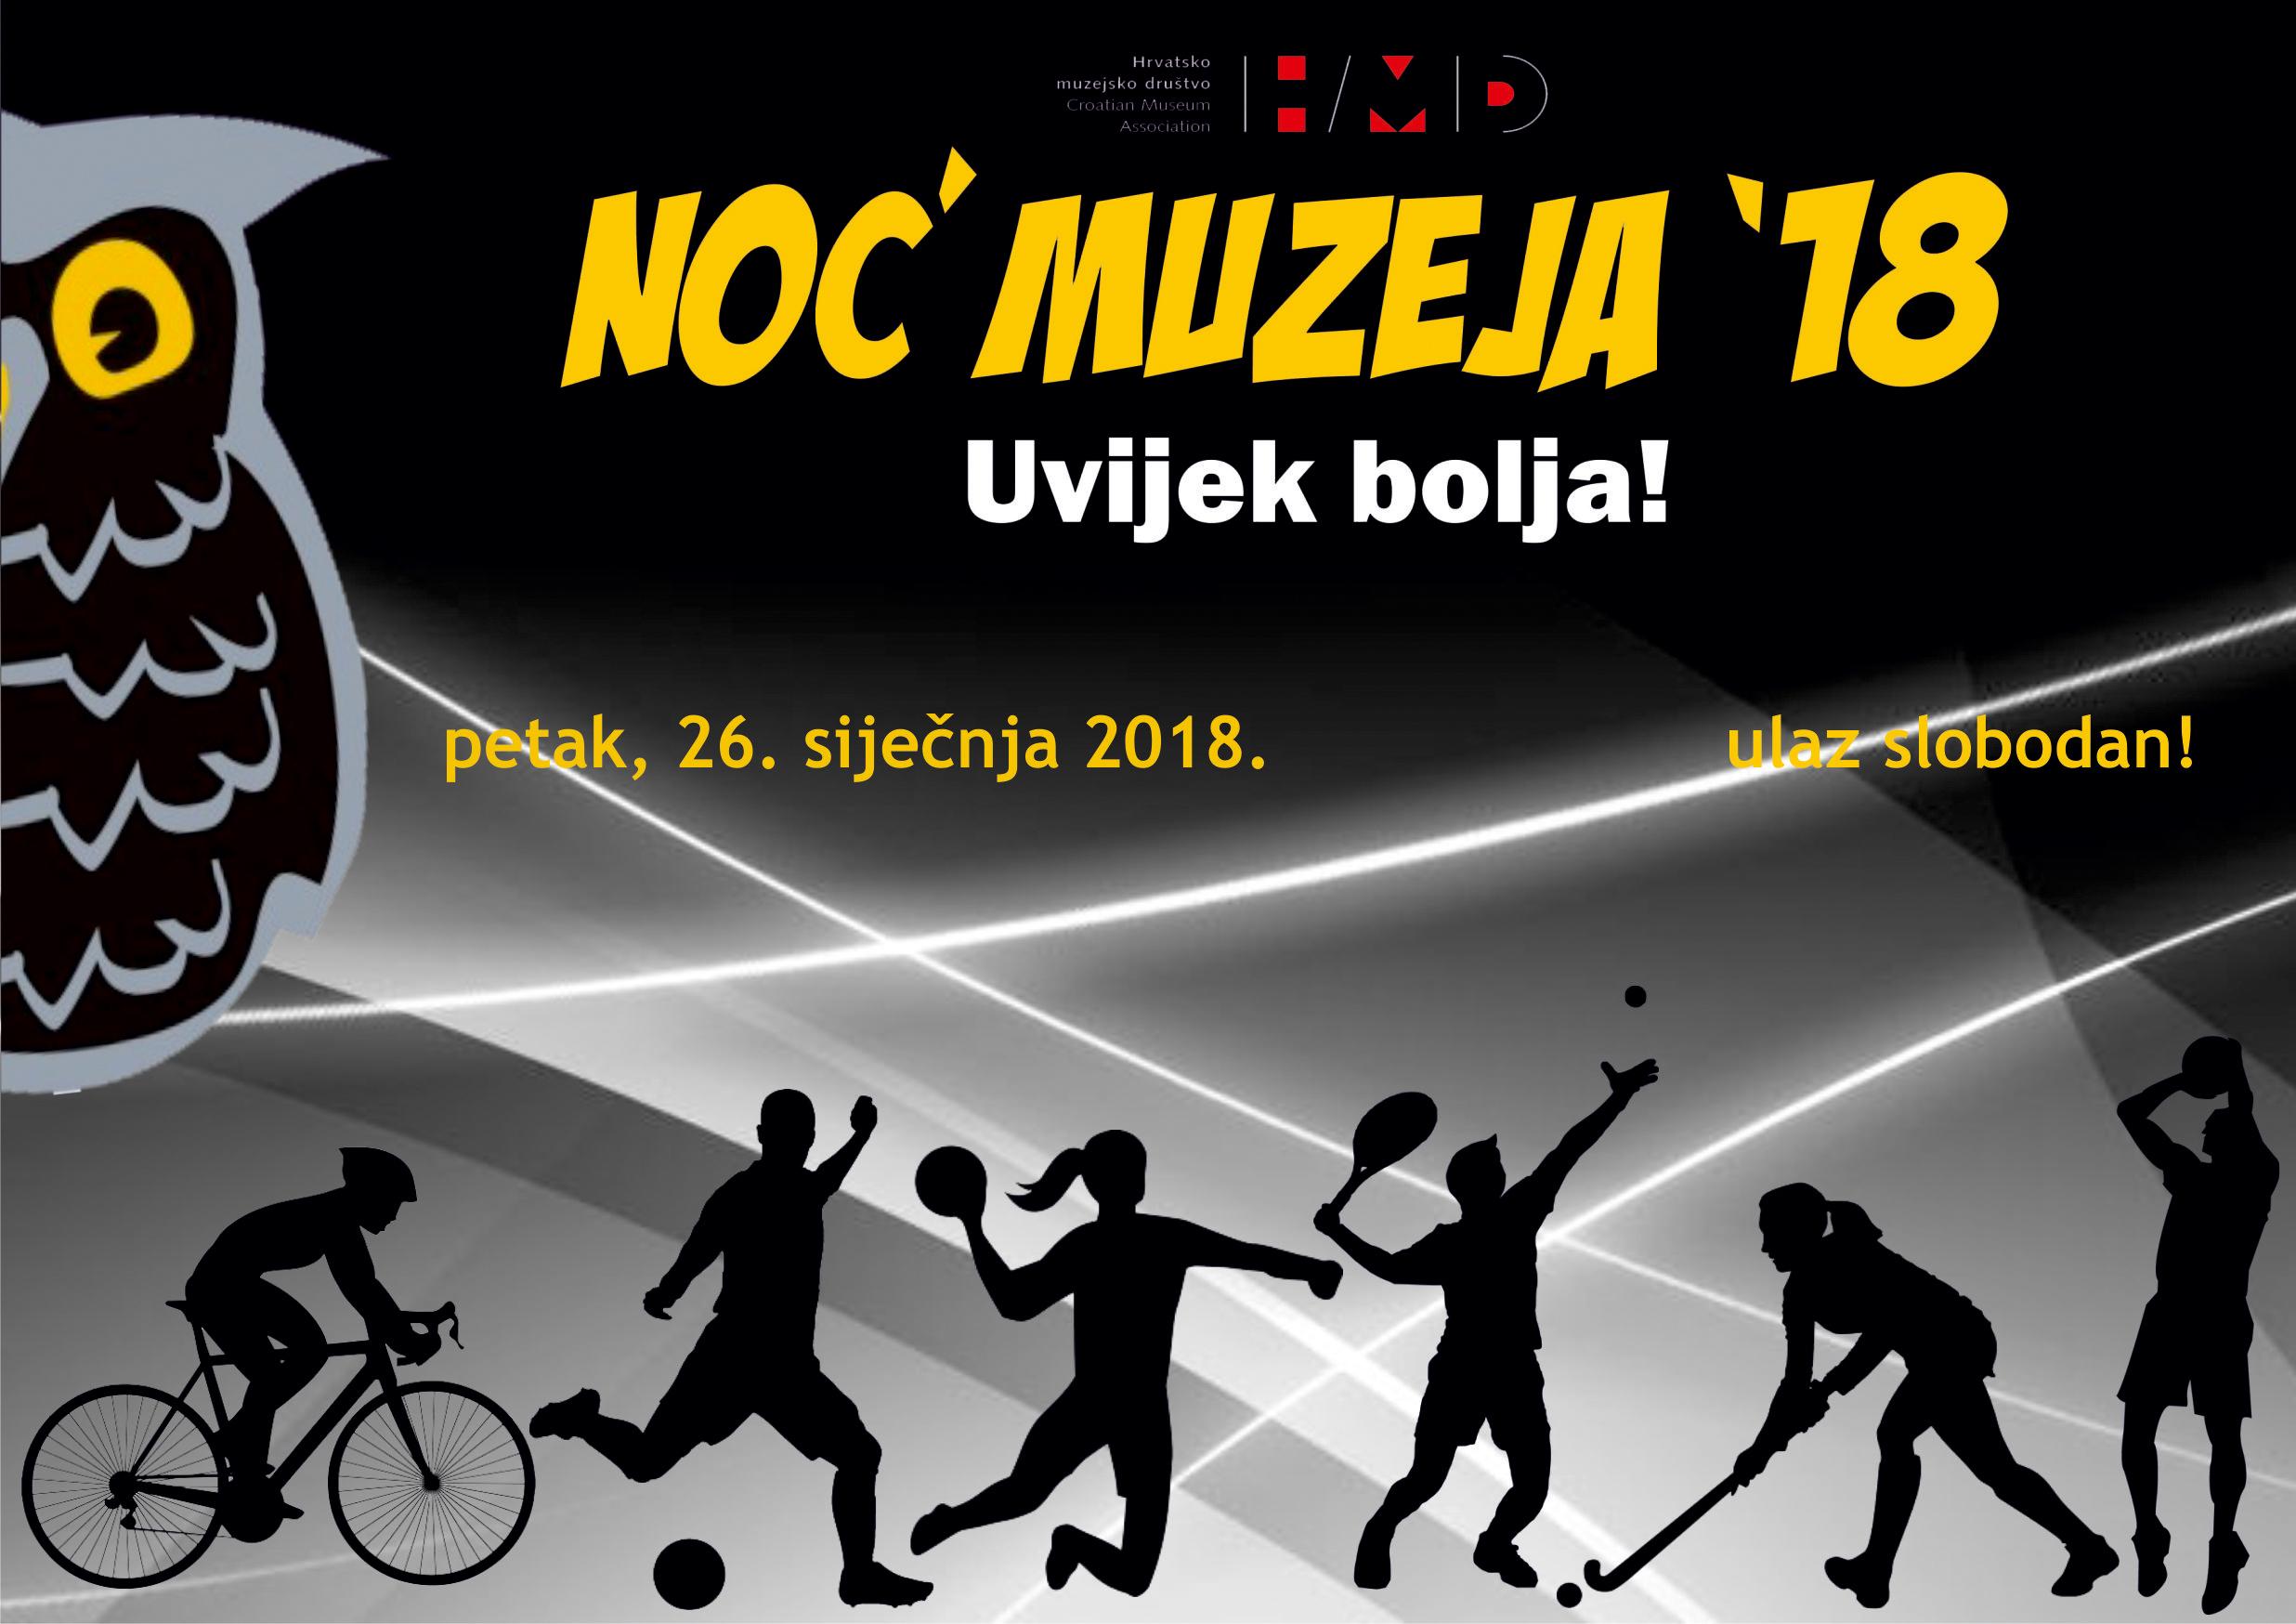 Muzej Grada Rovinja – Rovigno i ove godine sudjeluje u velikom programu na nivou cijele Hrvatske Noć muzeja